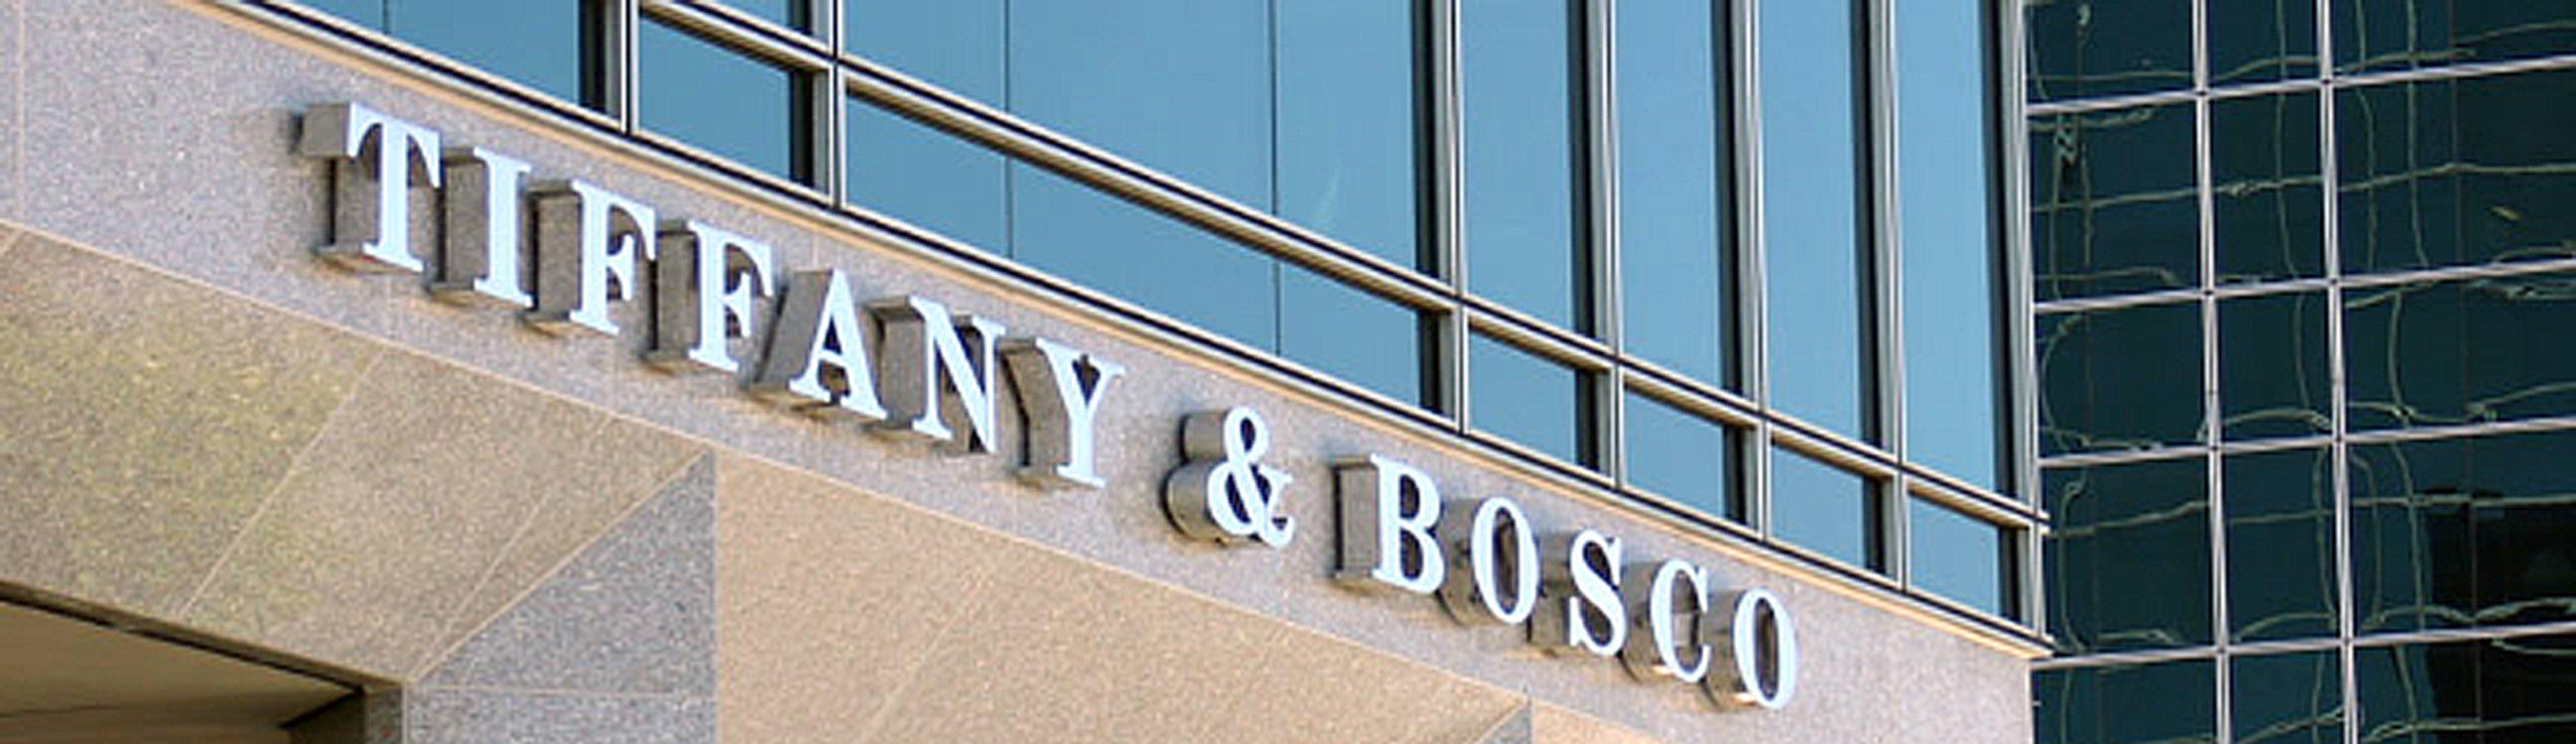 Tiffany & Bosco's offices at the Camelback Esplanade